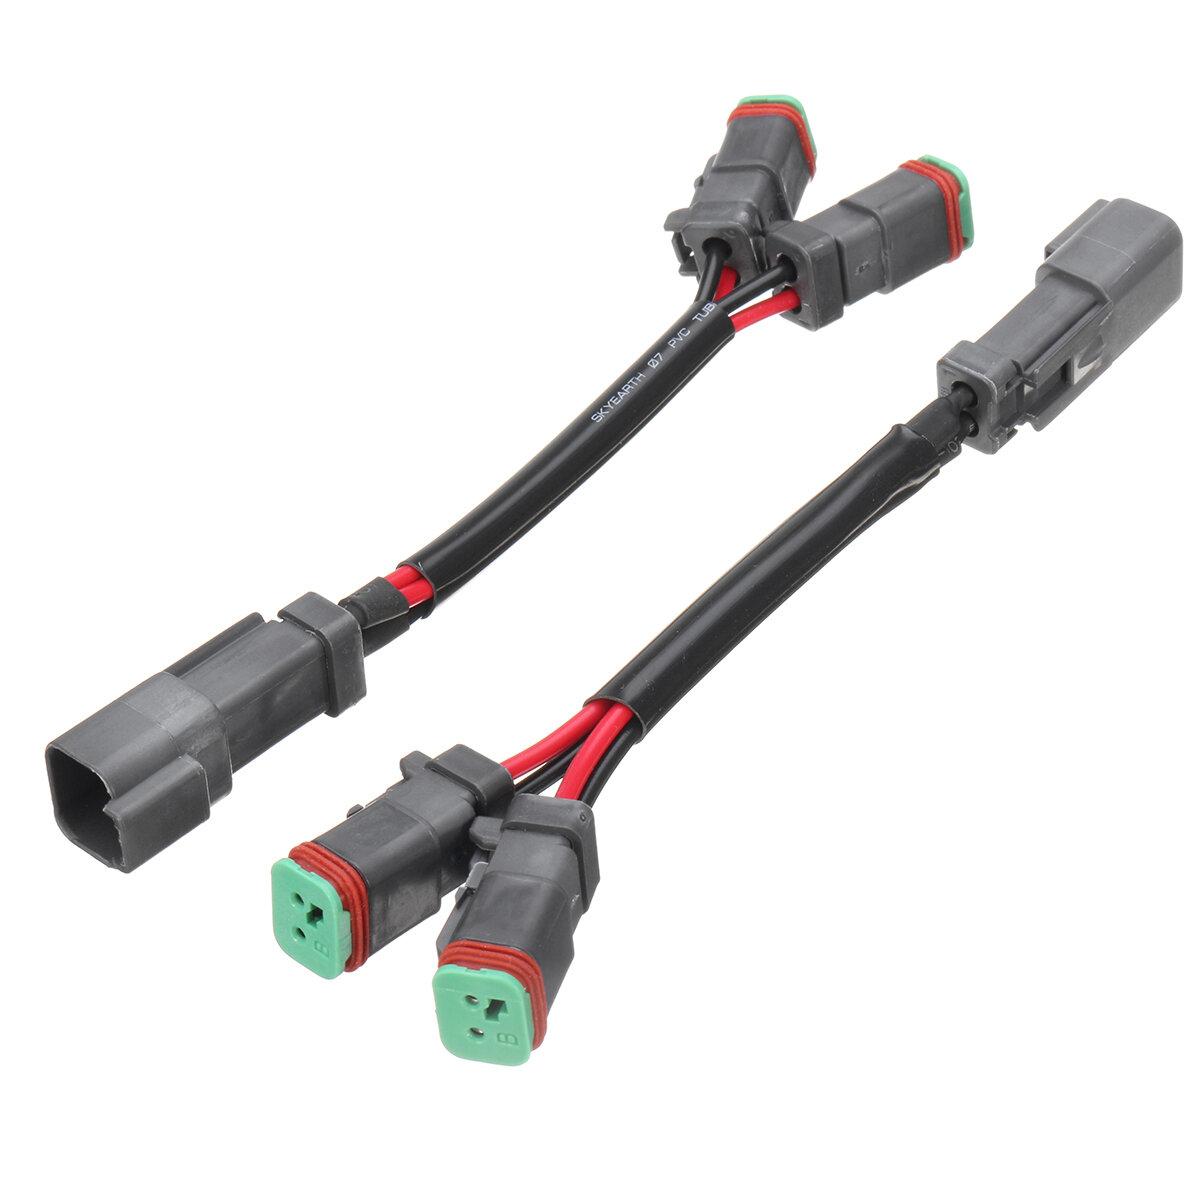 2Pcs Y-Shape Dual Outputs Deutsch DT DTP Adapters Connectors Splitters For LED Fog